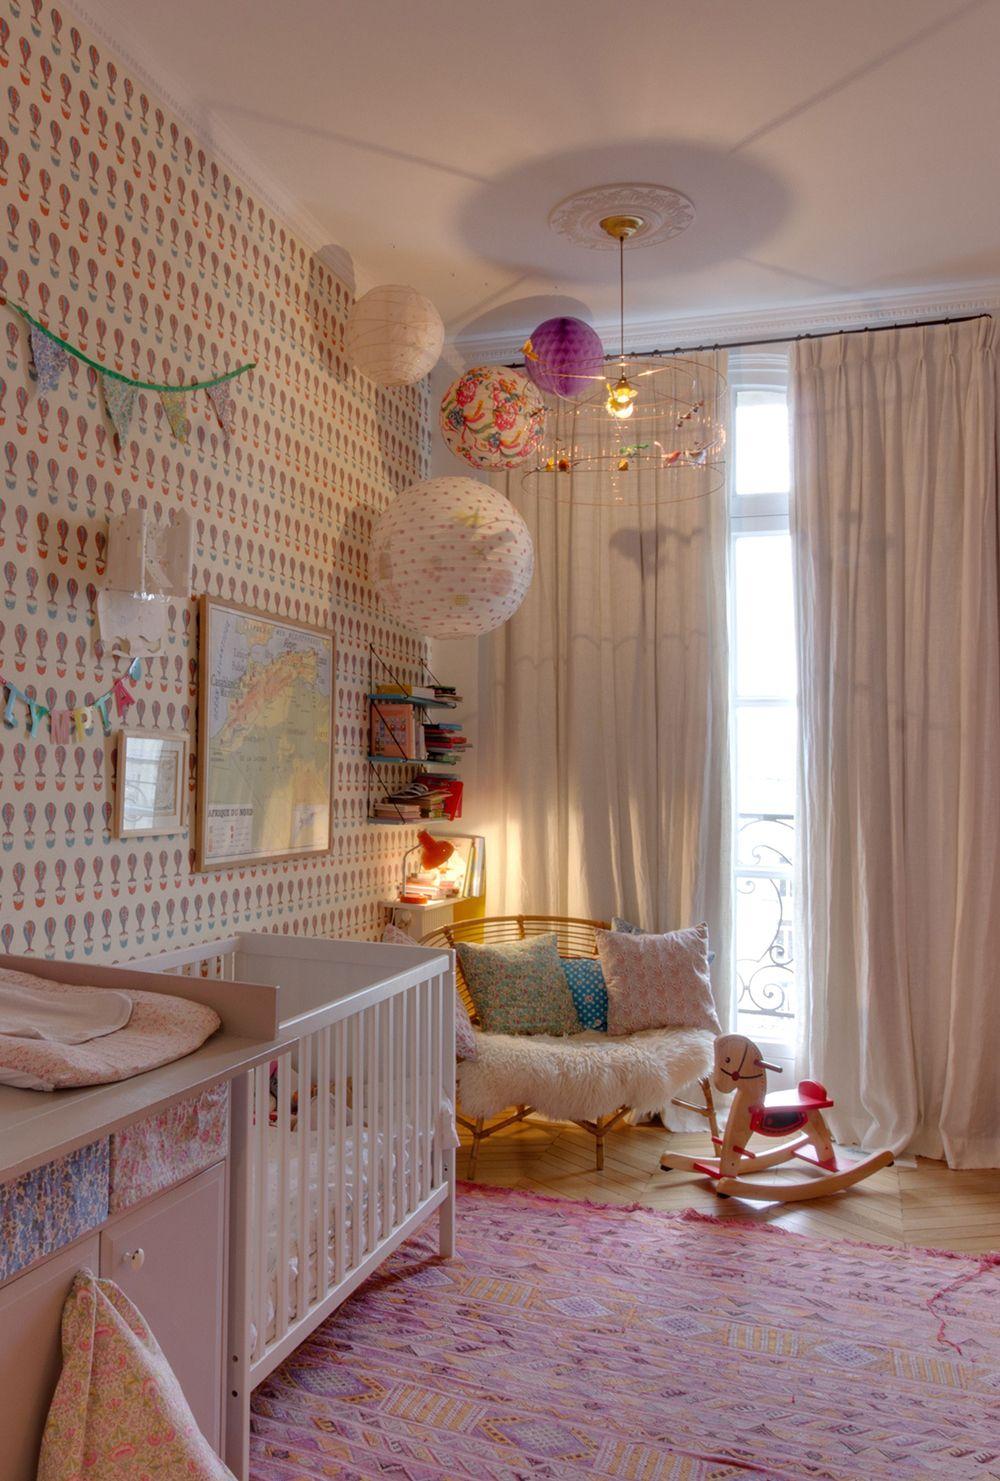 Home Tour Appartement Paris 16eme Elephant In The Room Chambre Enfant Deco Chambre Enfant Idee Chambre